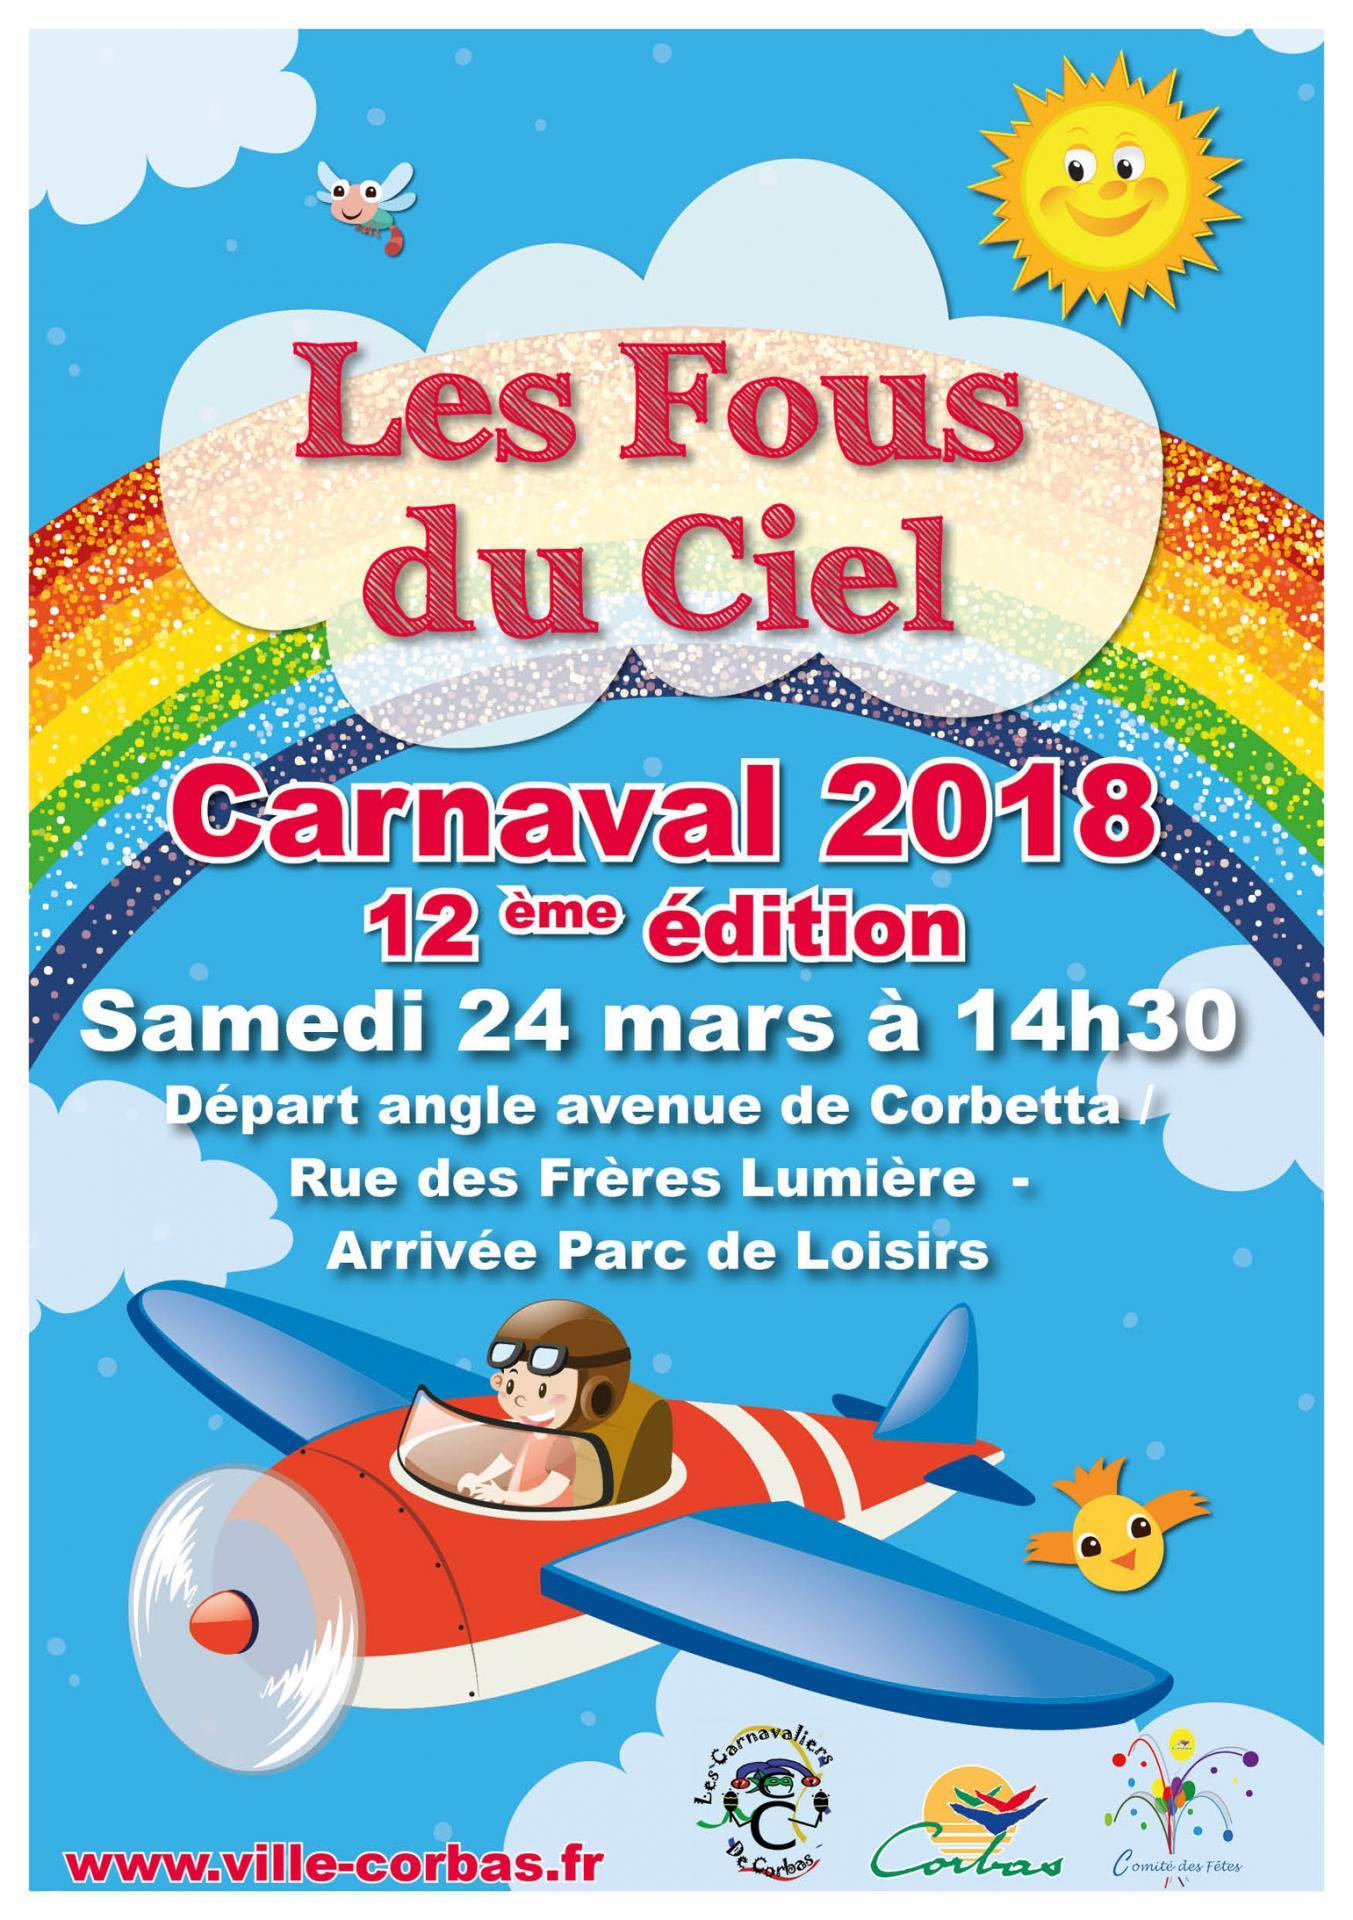 Carnaval de corbas